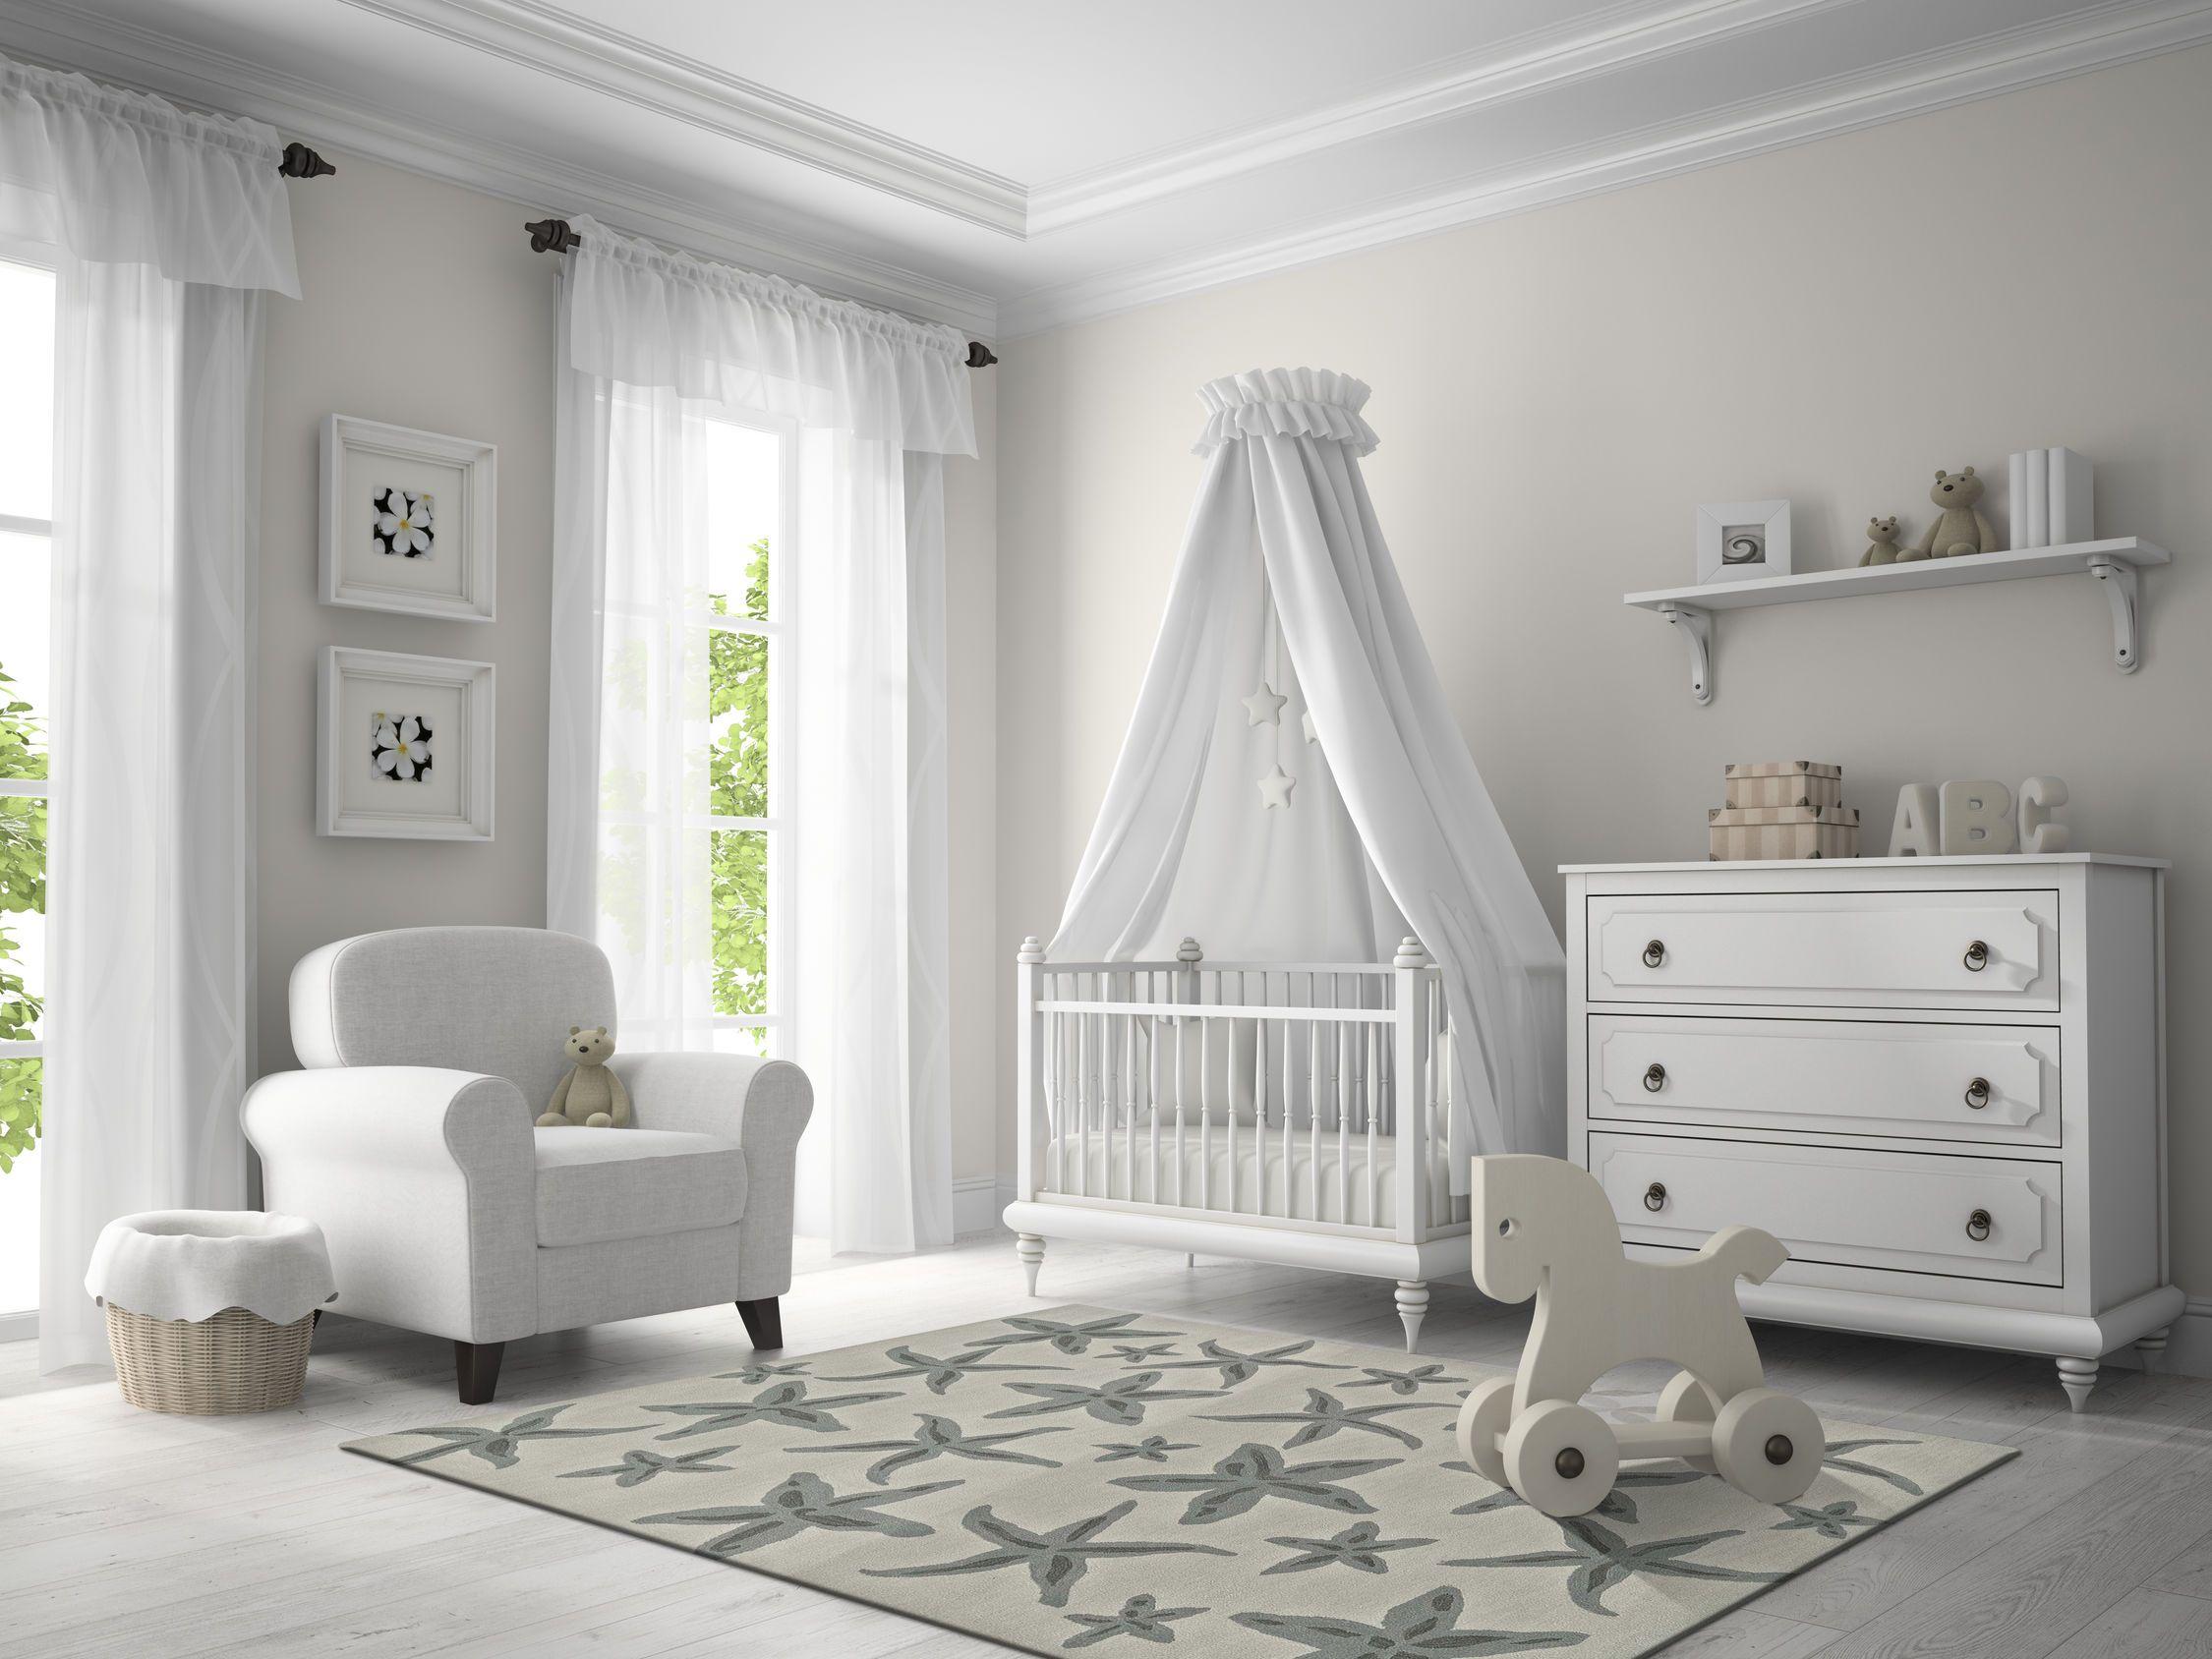 SE8 - Color: Linen; Size: 8